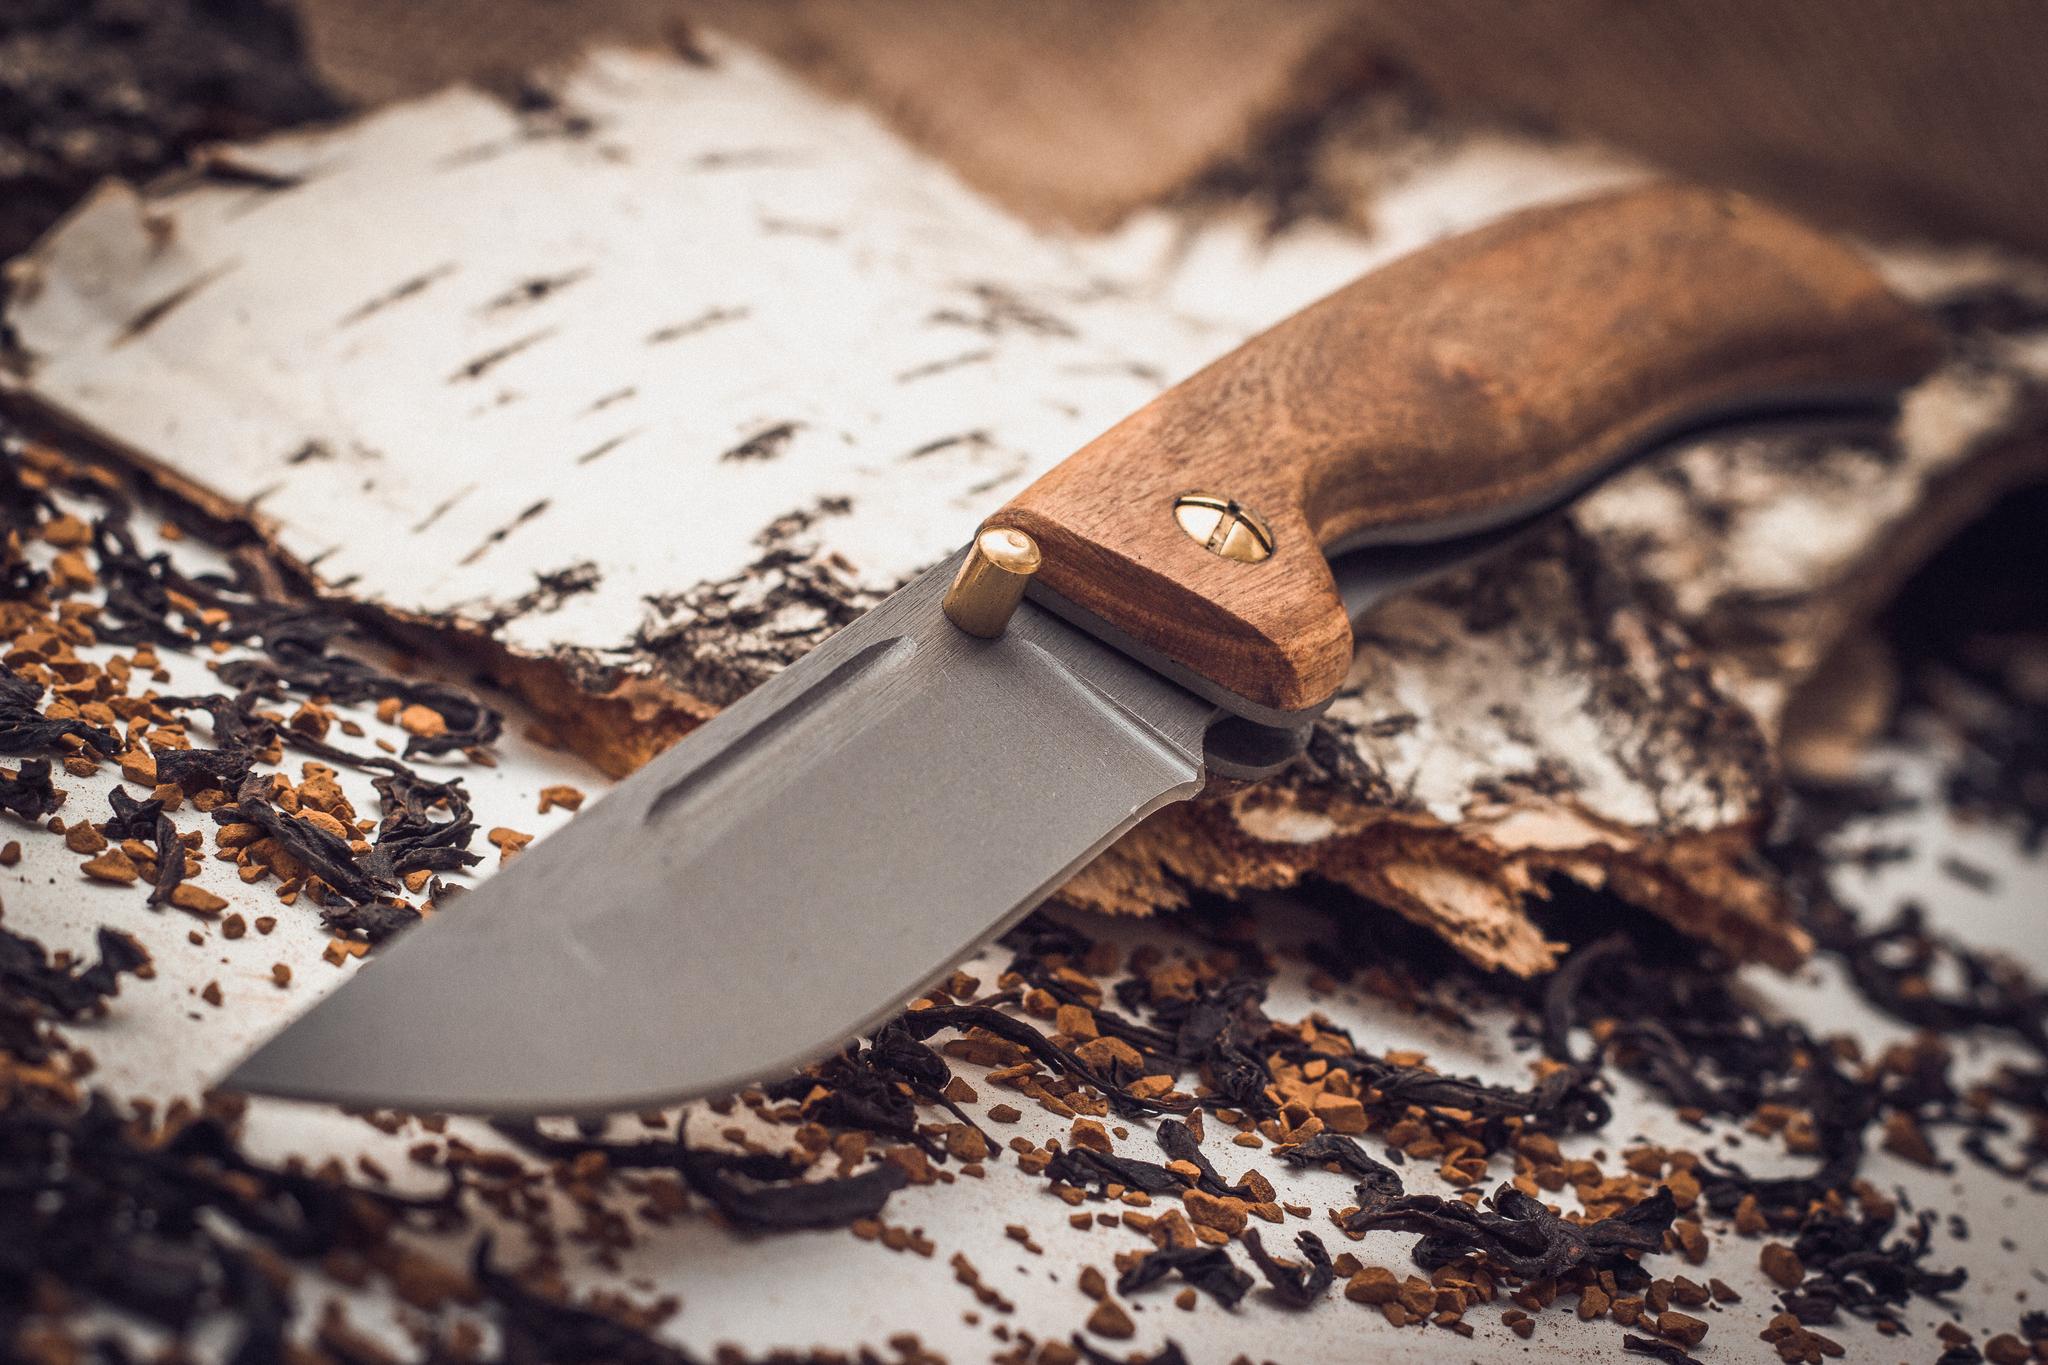 Фото 6 - Складной нож Валдай, сталь 95х18, орех от Марычев